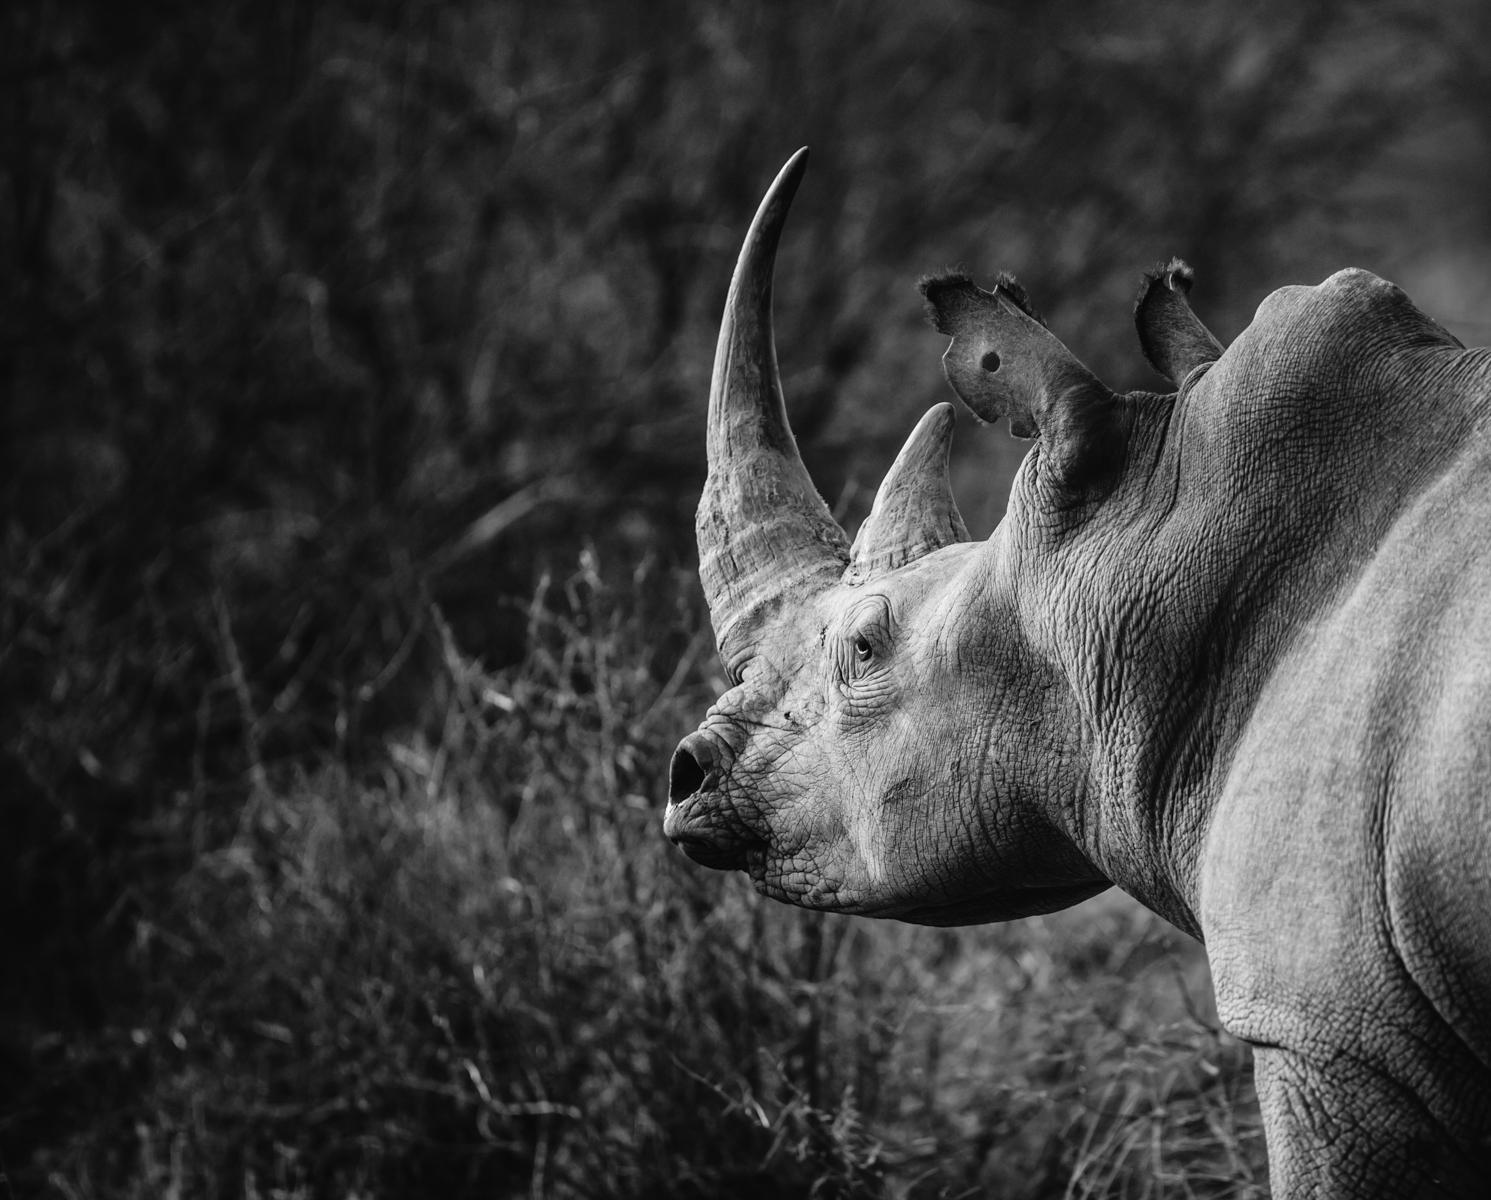 Rhino relaxing in the bush.